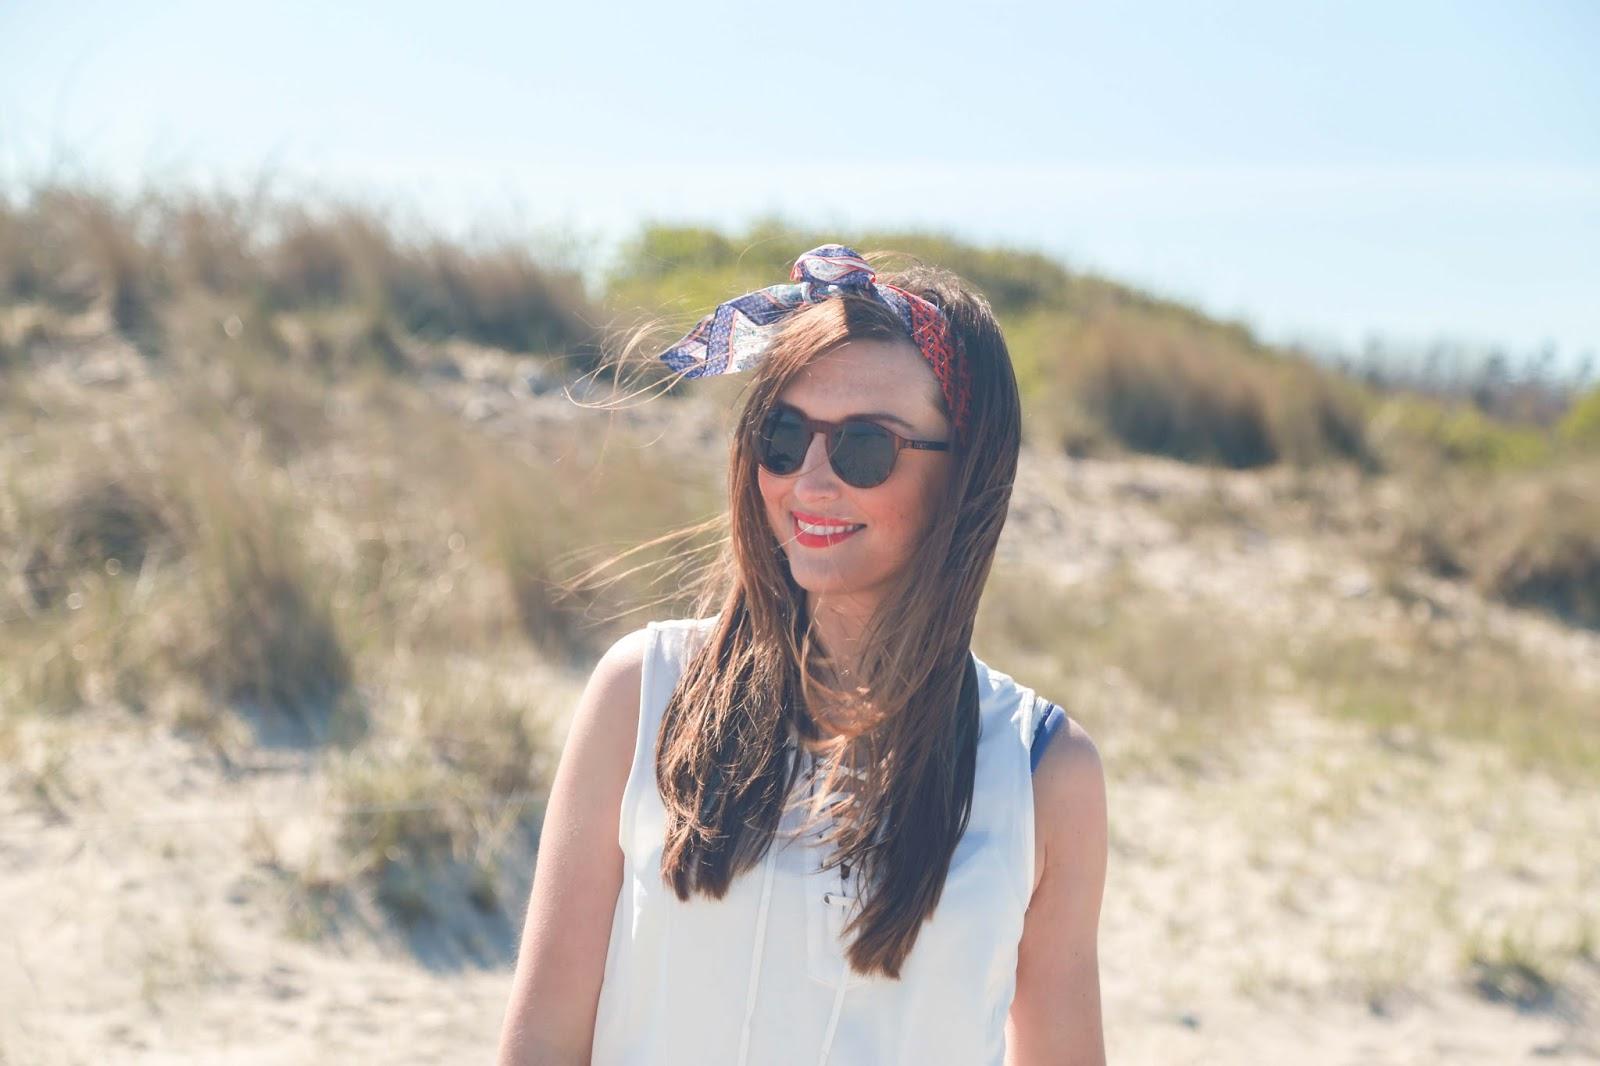 Fashionstylebyjohanna - Fashionblogger aus Deutschland - Deutsche Fashionblogger